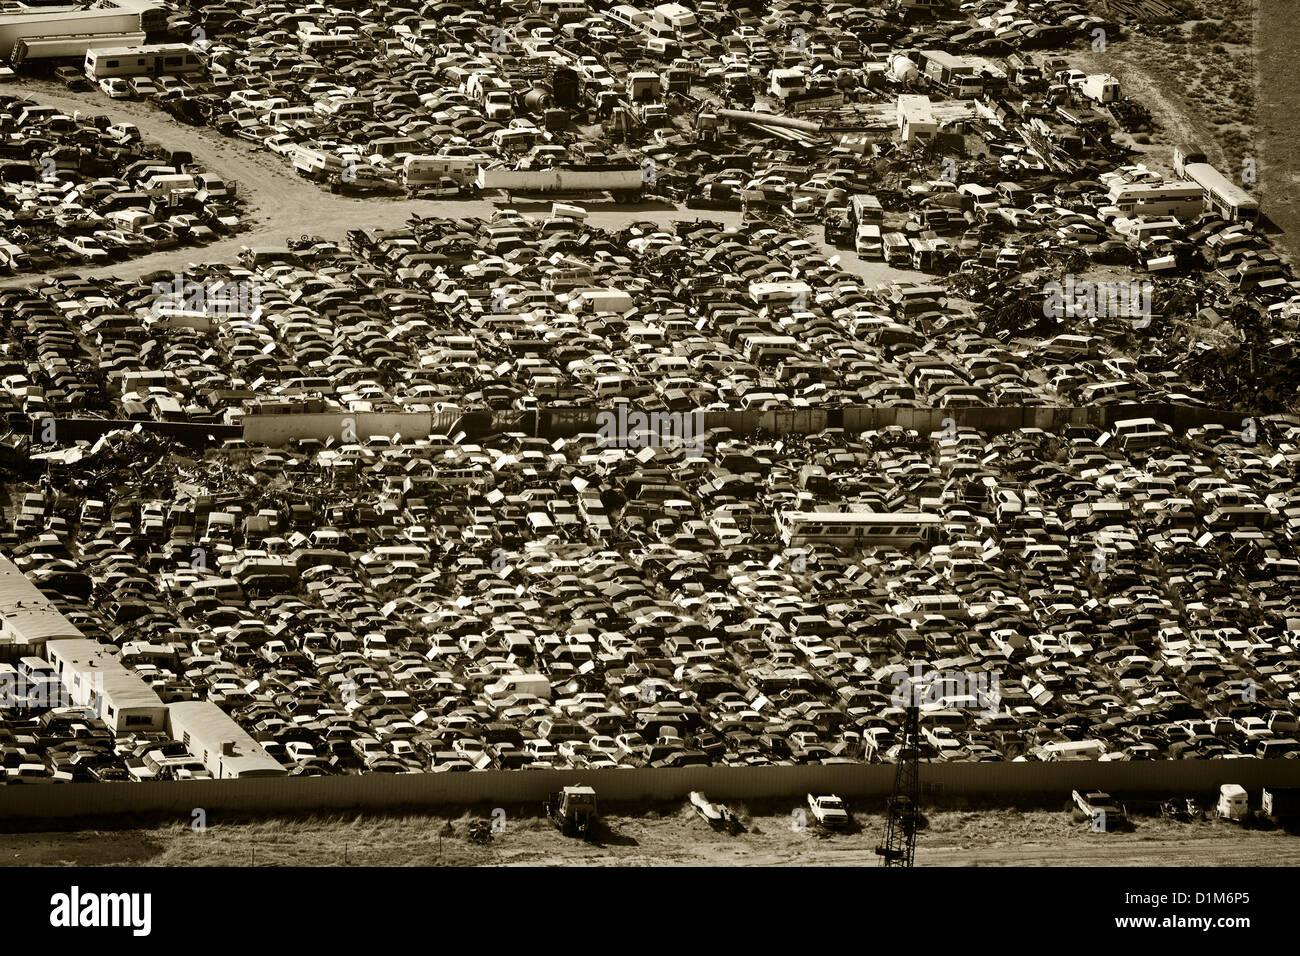 Fotografía aérea automobile junkyard sur de Wyoming Imagen De Stock